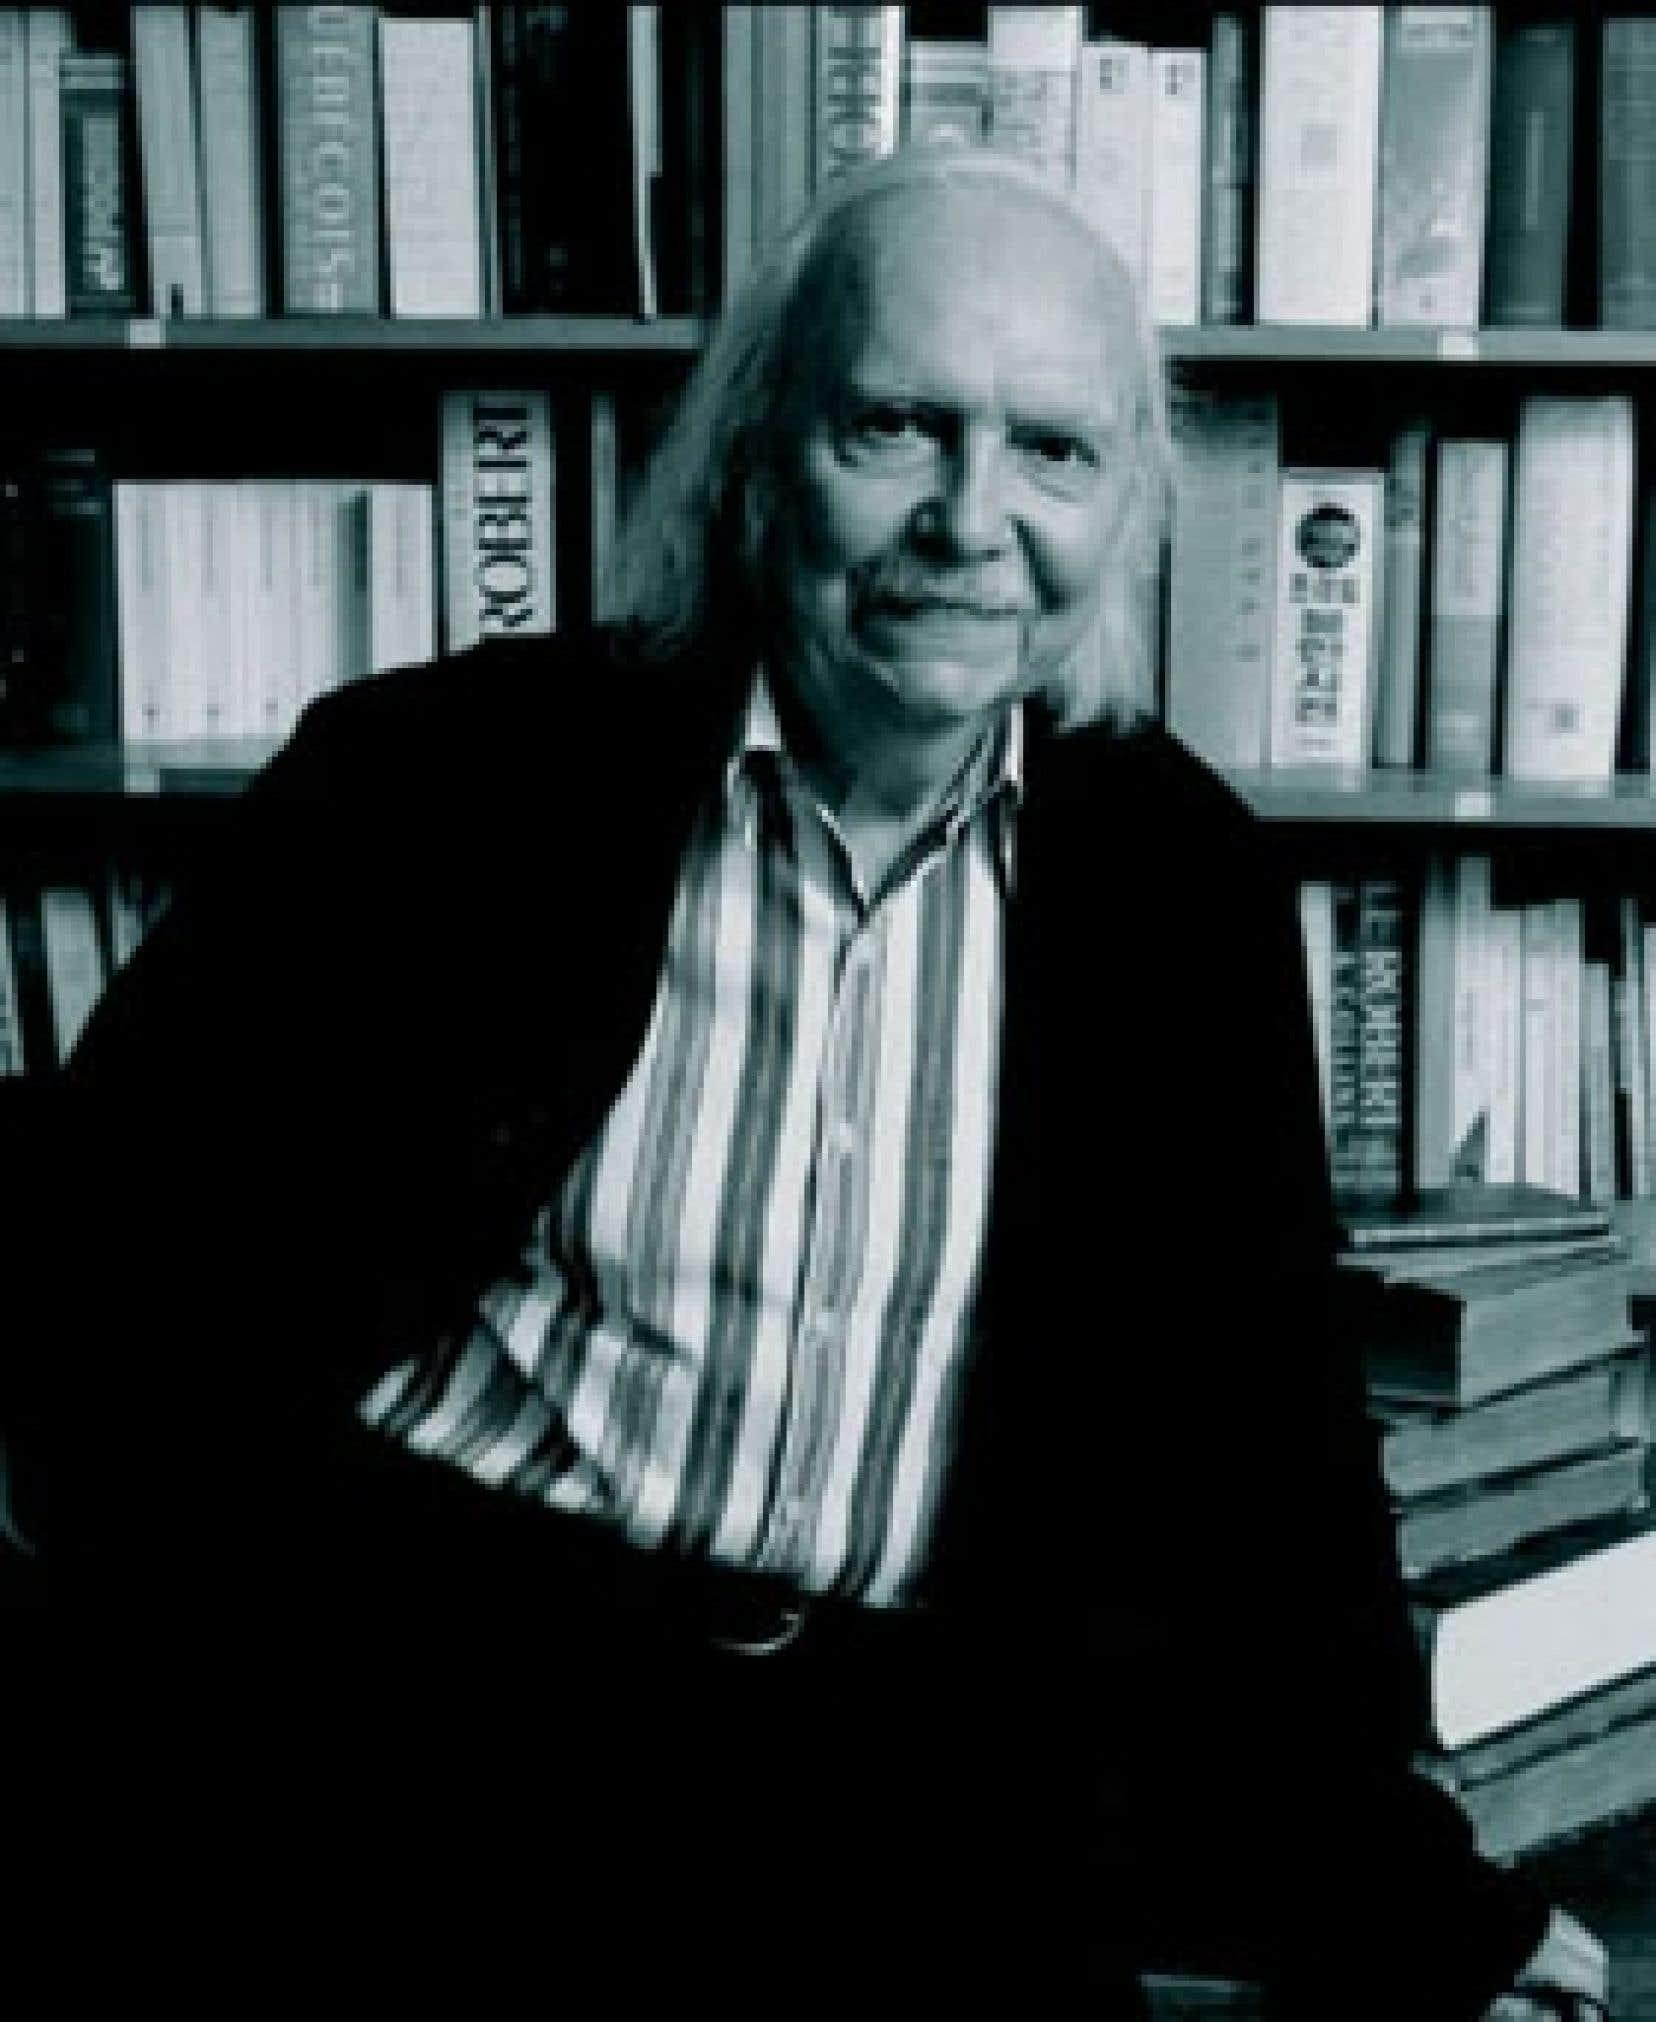 «Les Français devraient davantage lire des ouvrages québécois, les Québécois, des livres martiniquais, les Belges, la littérature africaine», soutient Alain Rey, rédacteur en chef des Éditions Le Robert.